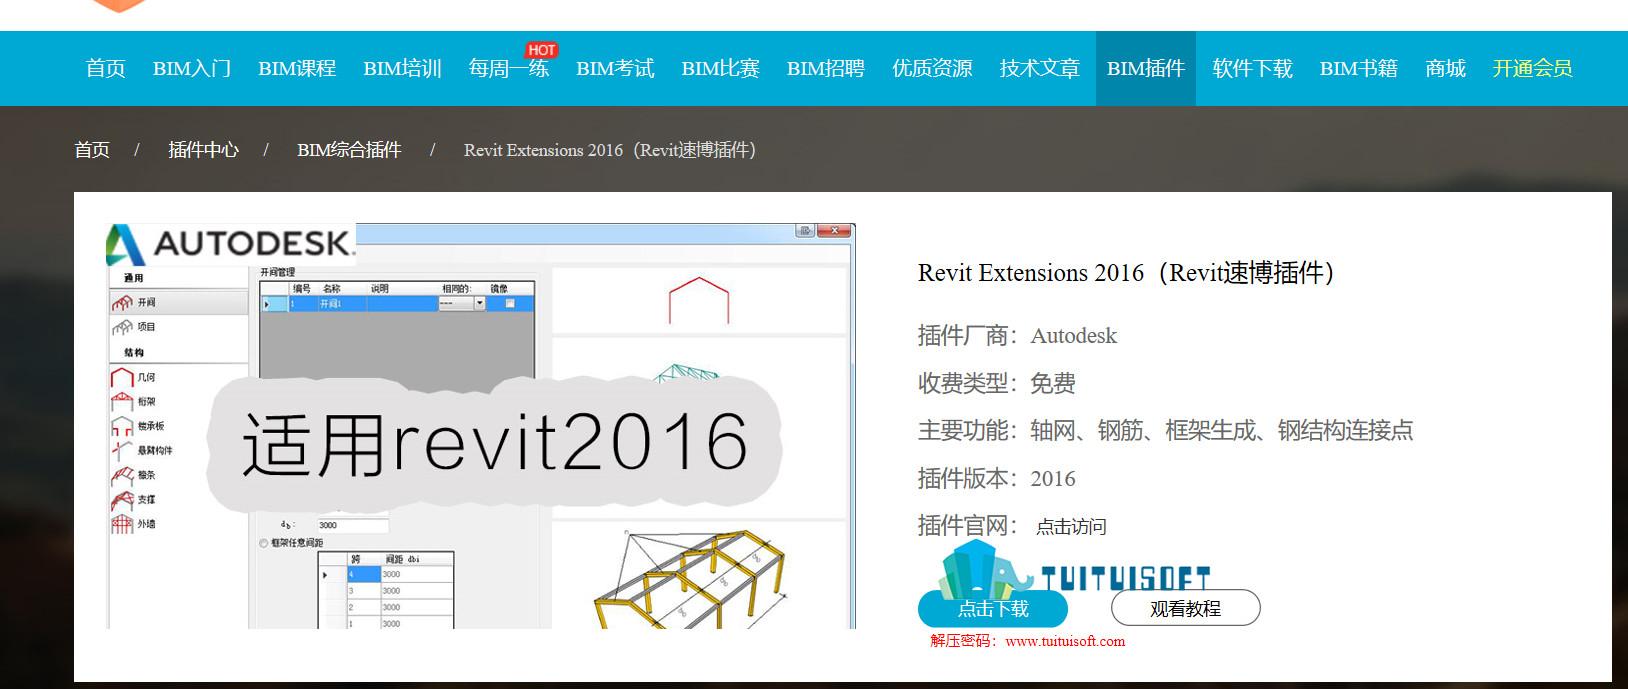 腿腿教学网-revit2016速博插件介绍以及下载